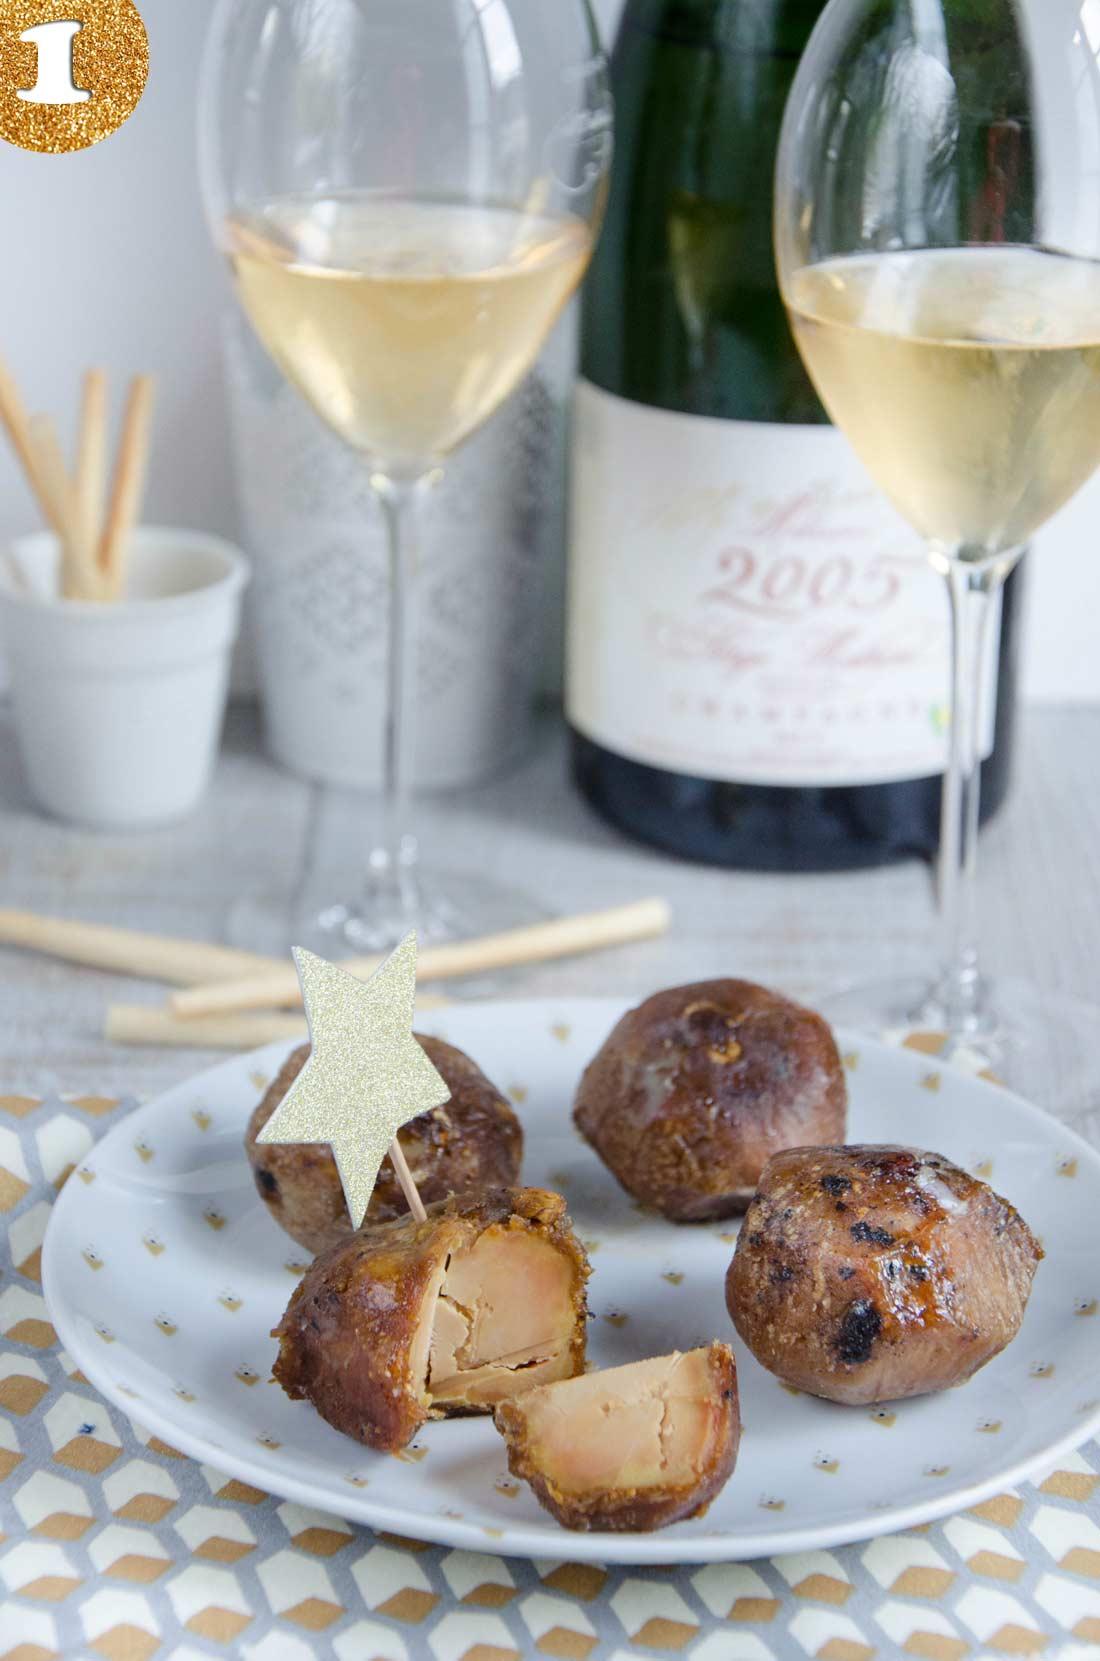 Les extraordinaires figues au foie gras de la famille Tribier, achetées au Pari Fermier